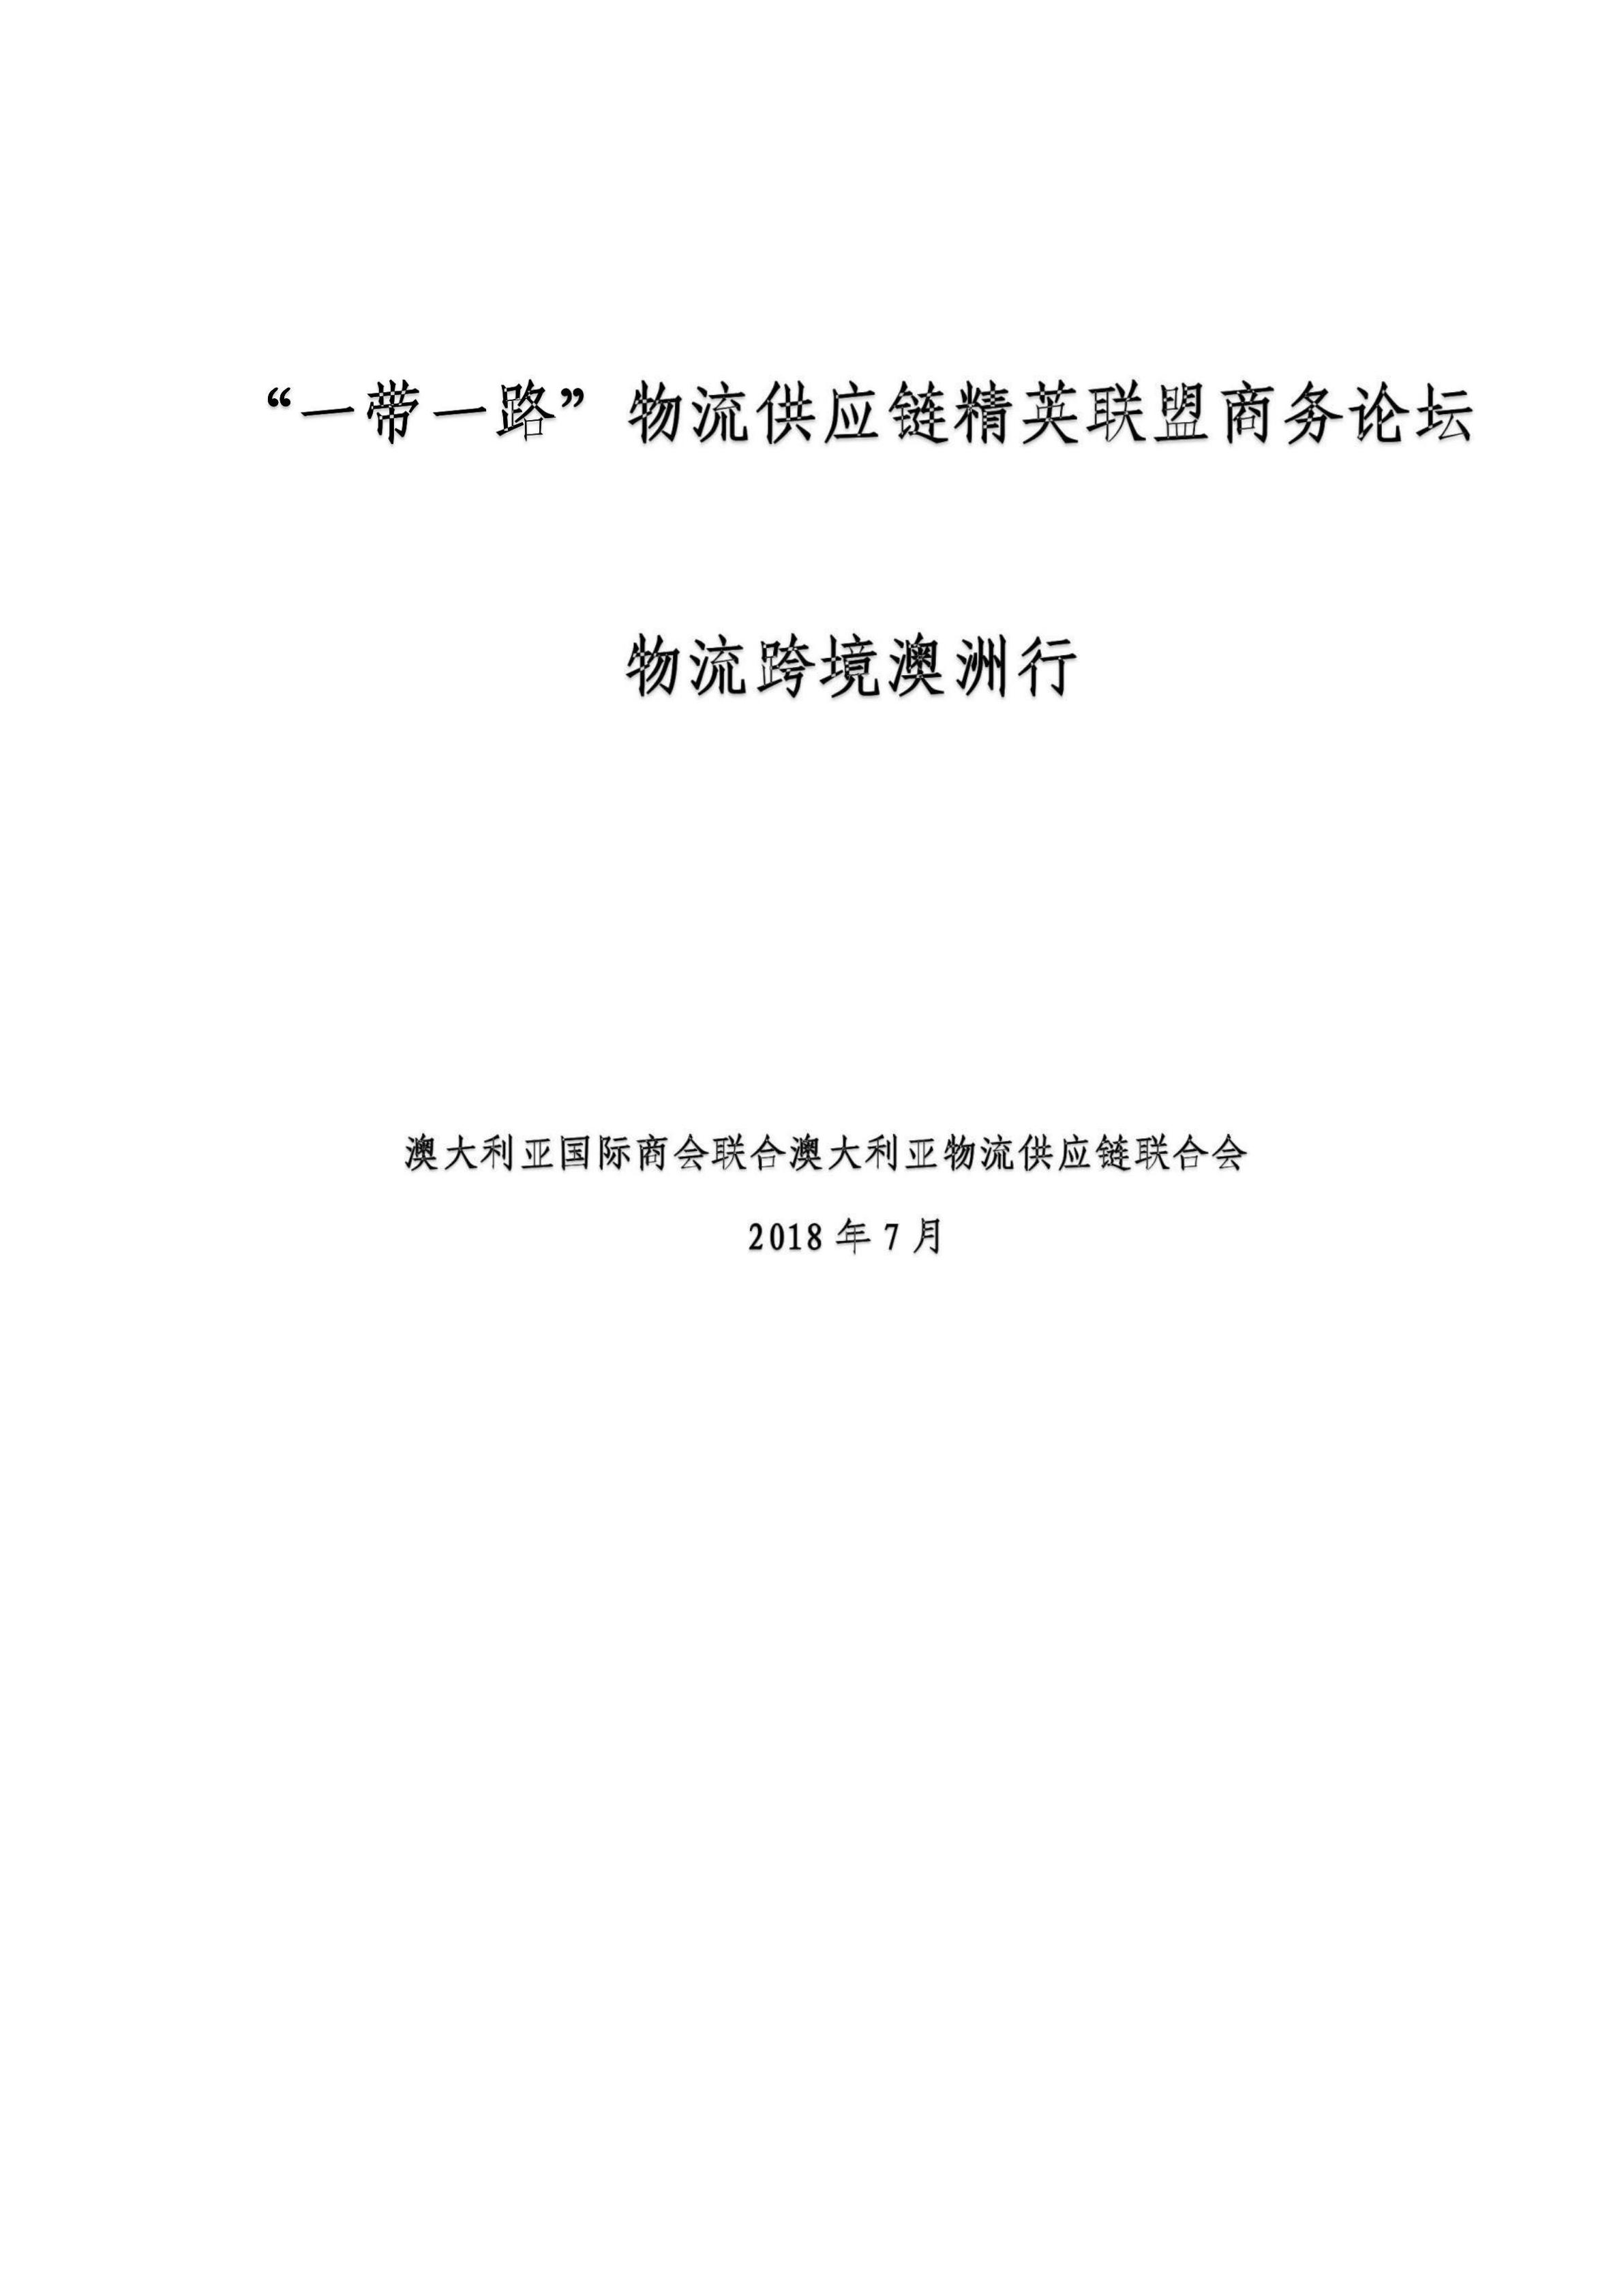 """""""一带一路""""物流供应链精英联盟商务论坛简介及报名表_00.png"""